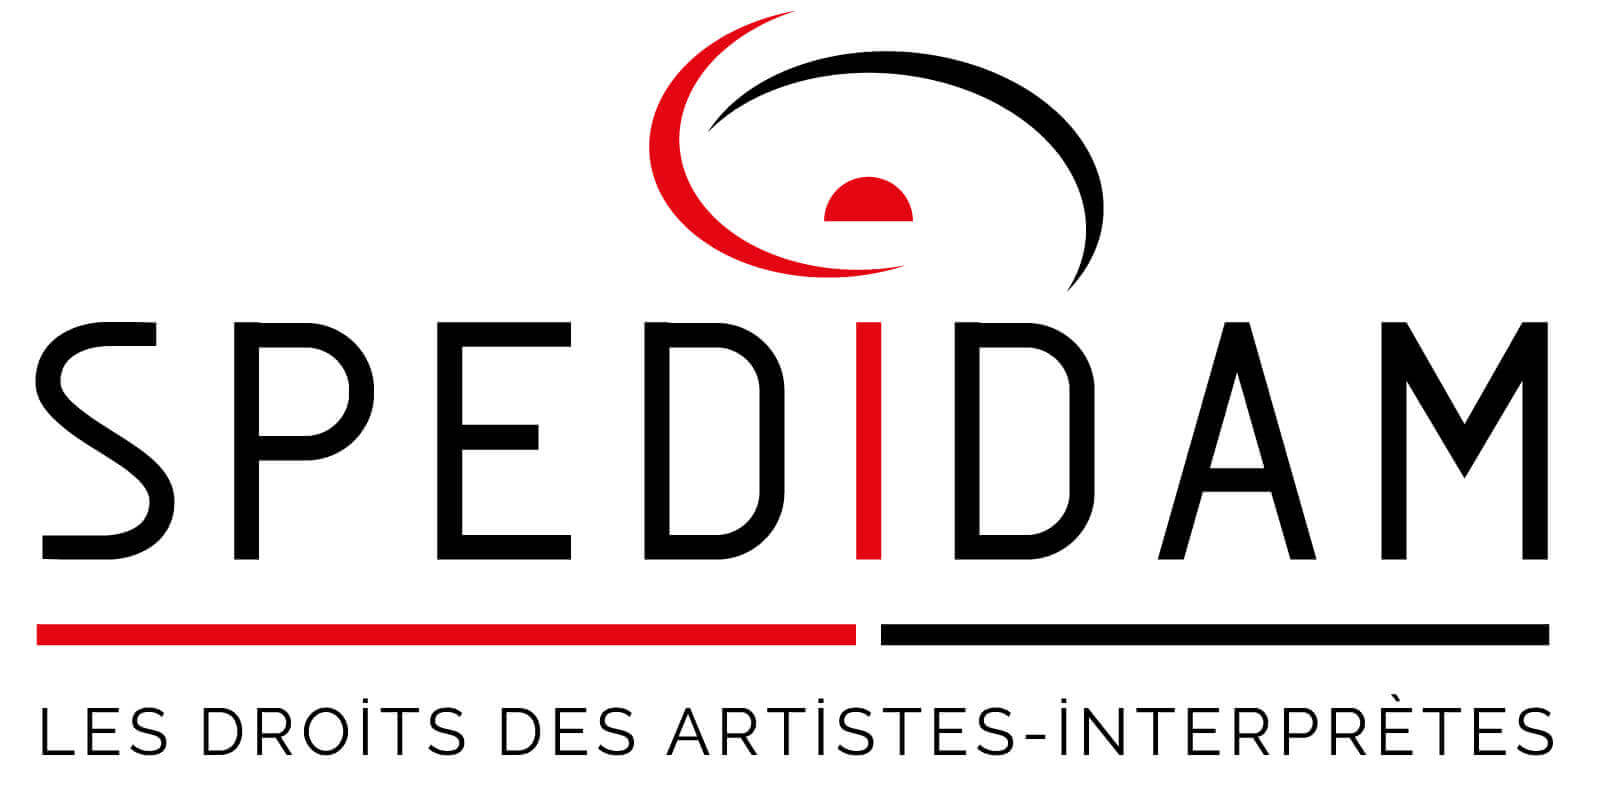 La SPEDIDAM est une société de perception et de distribution qui gère les droits des artistes interprètes en matière d'enregistrement, de diffusion et de réutilisation des prestations enregistrées